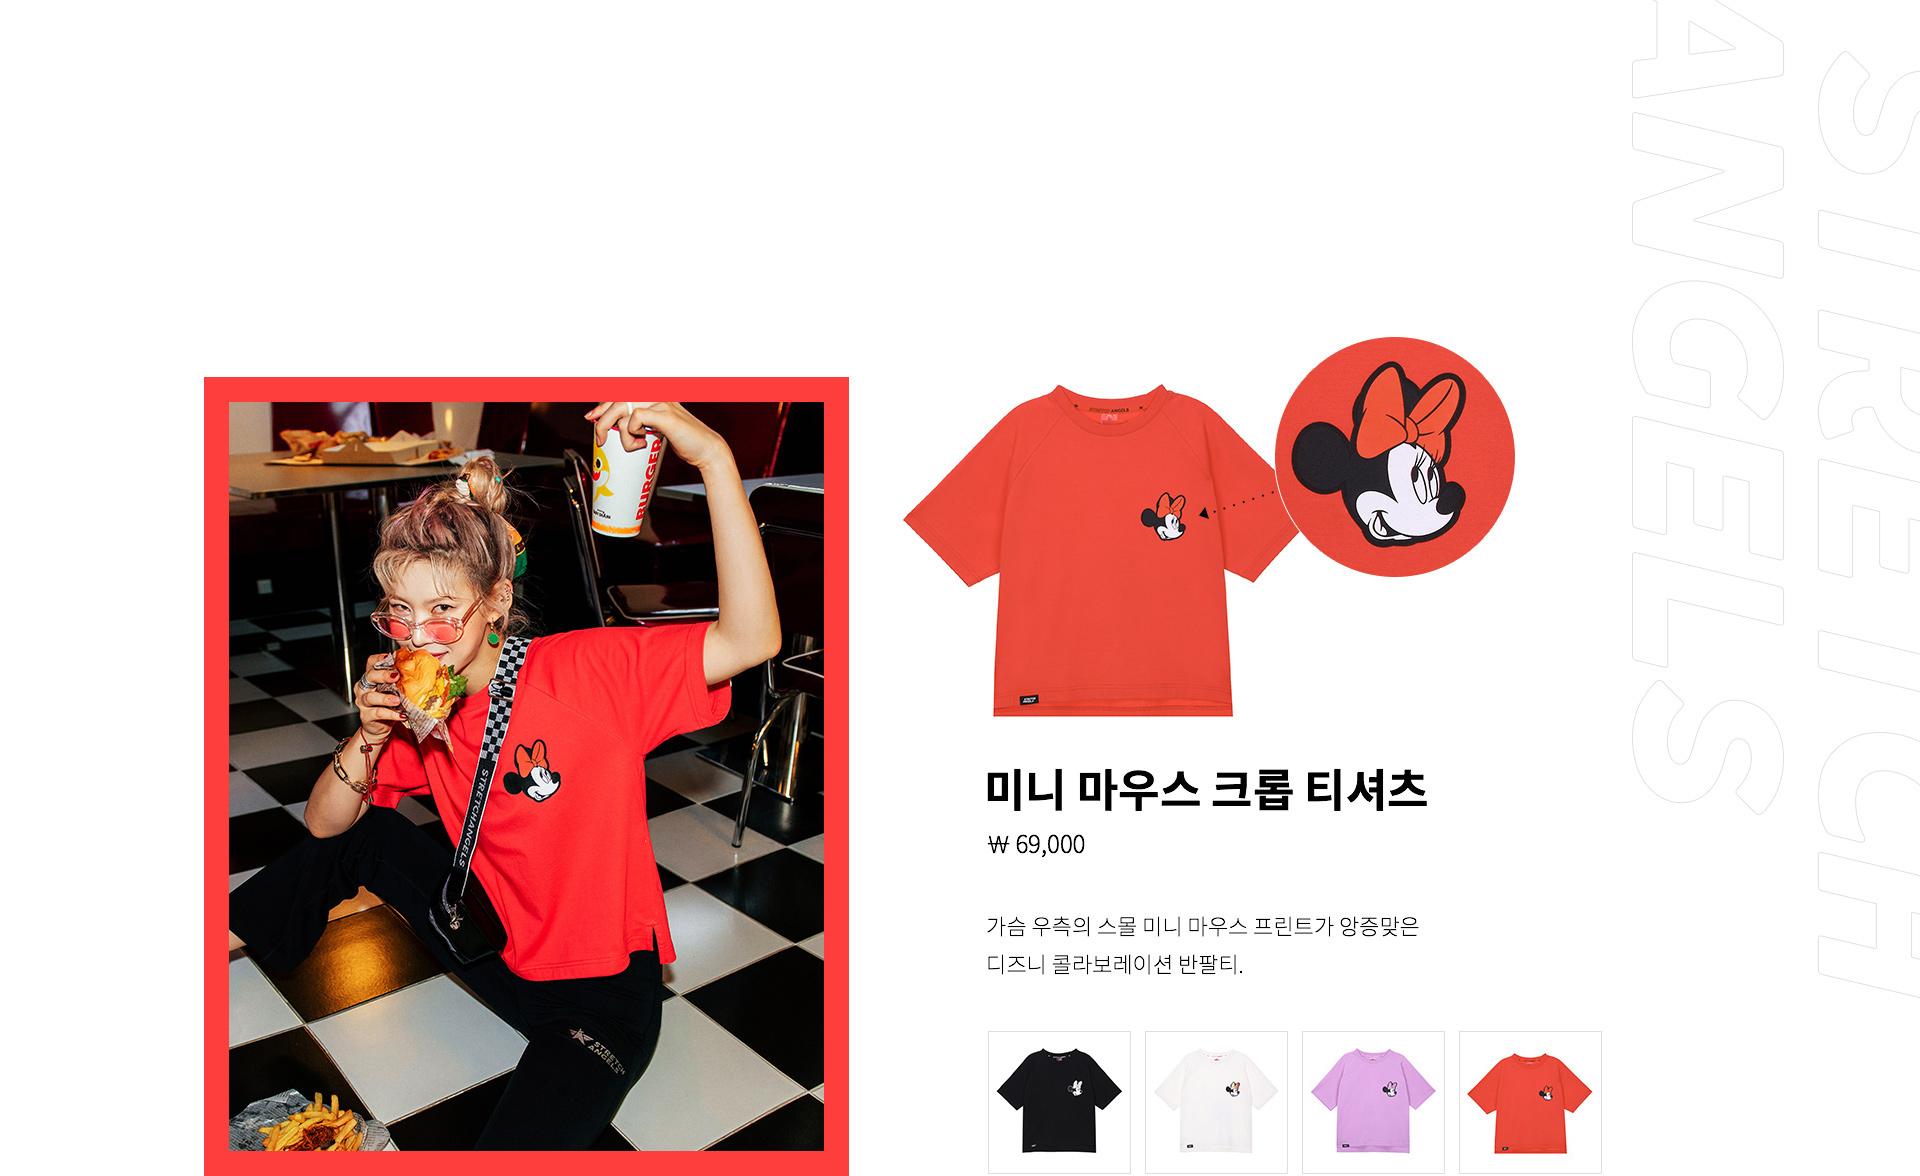 미니 마우스 크롭 티셔츠 ₩69,000 가슴 우측의 스몰 미니 마우스 프린트가 앙증맞은 디즈니 콜라보레이션 반팔티.